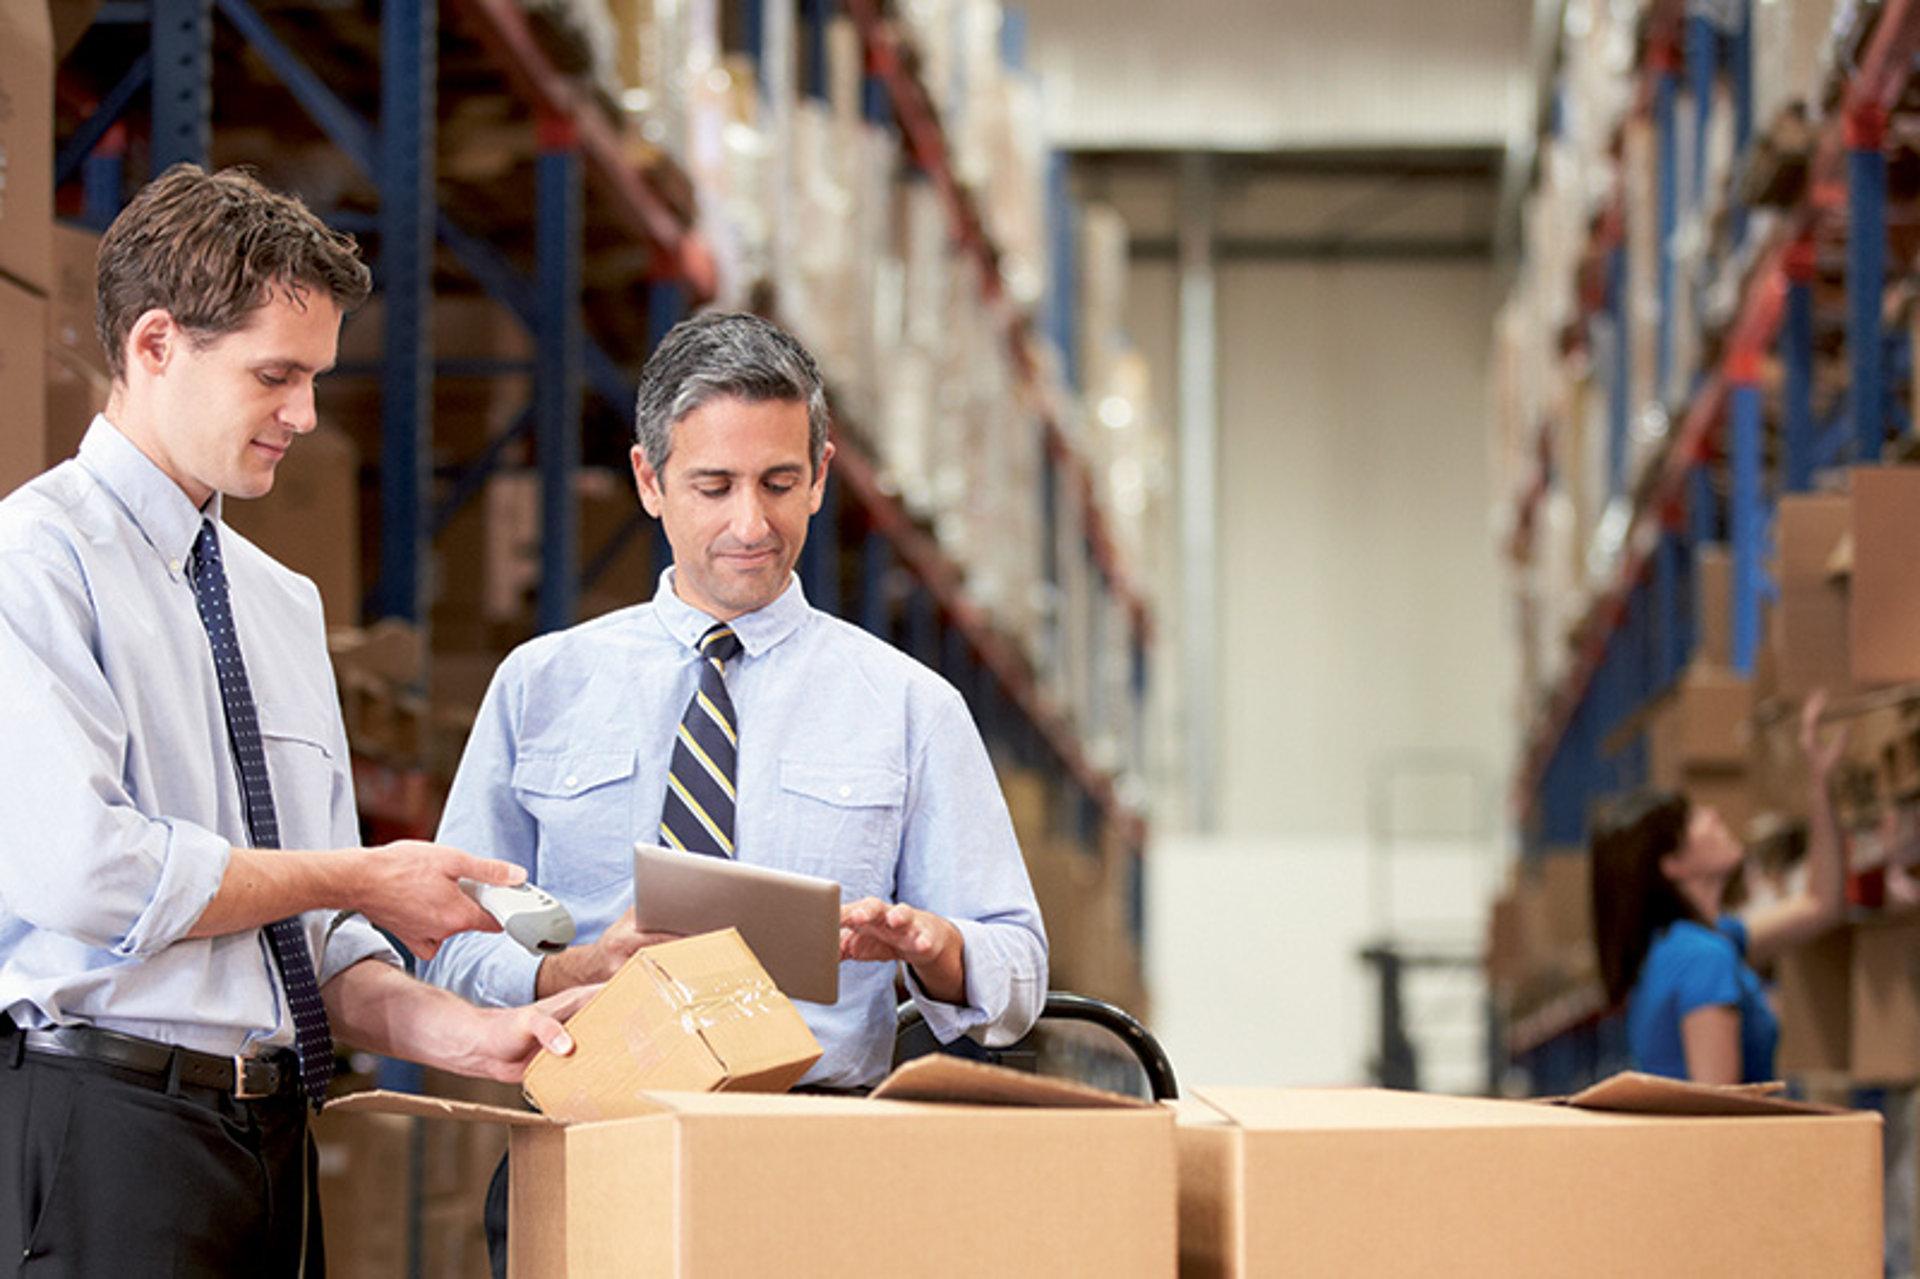 Lavoratori - Formazione generale e specifica Basso rischio Commercio - 8 ore